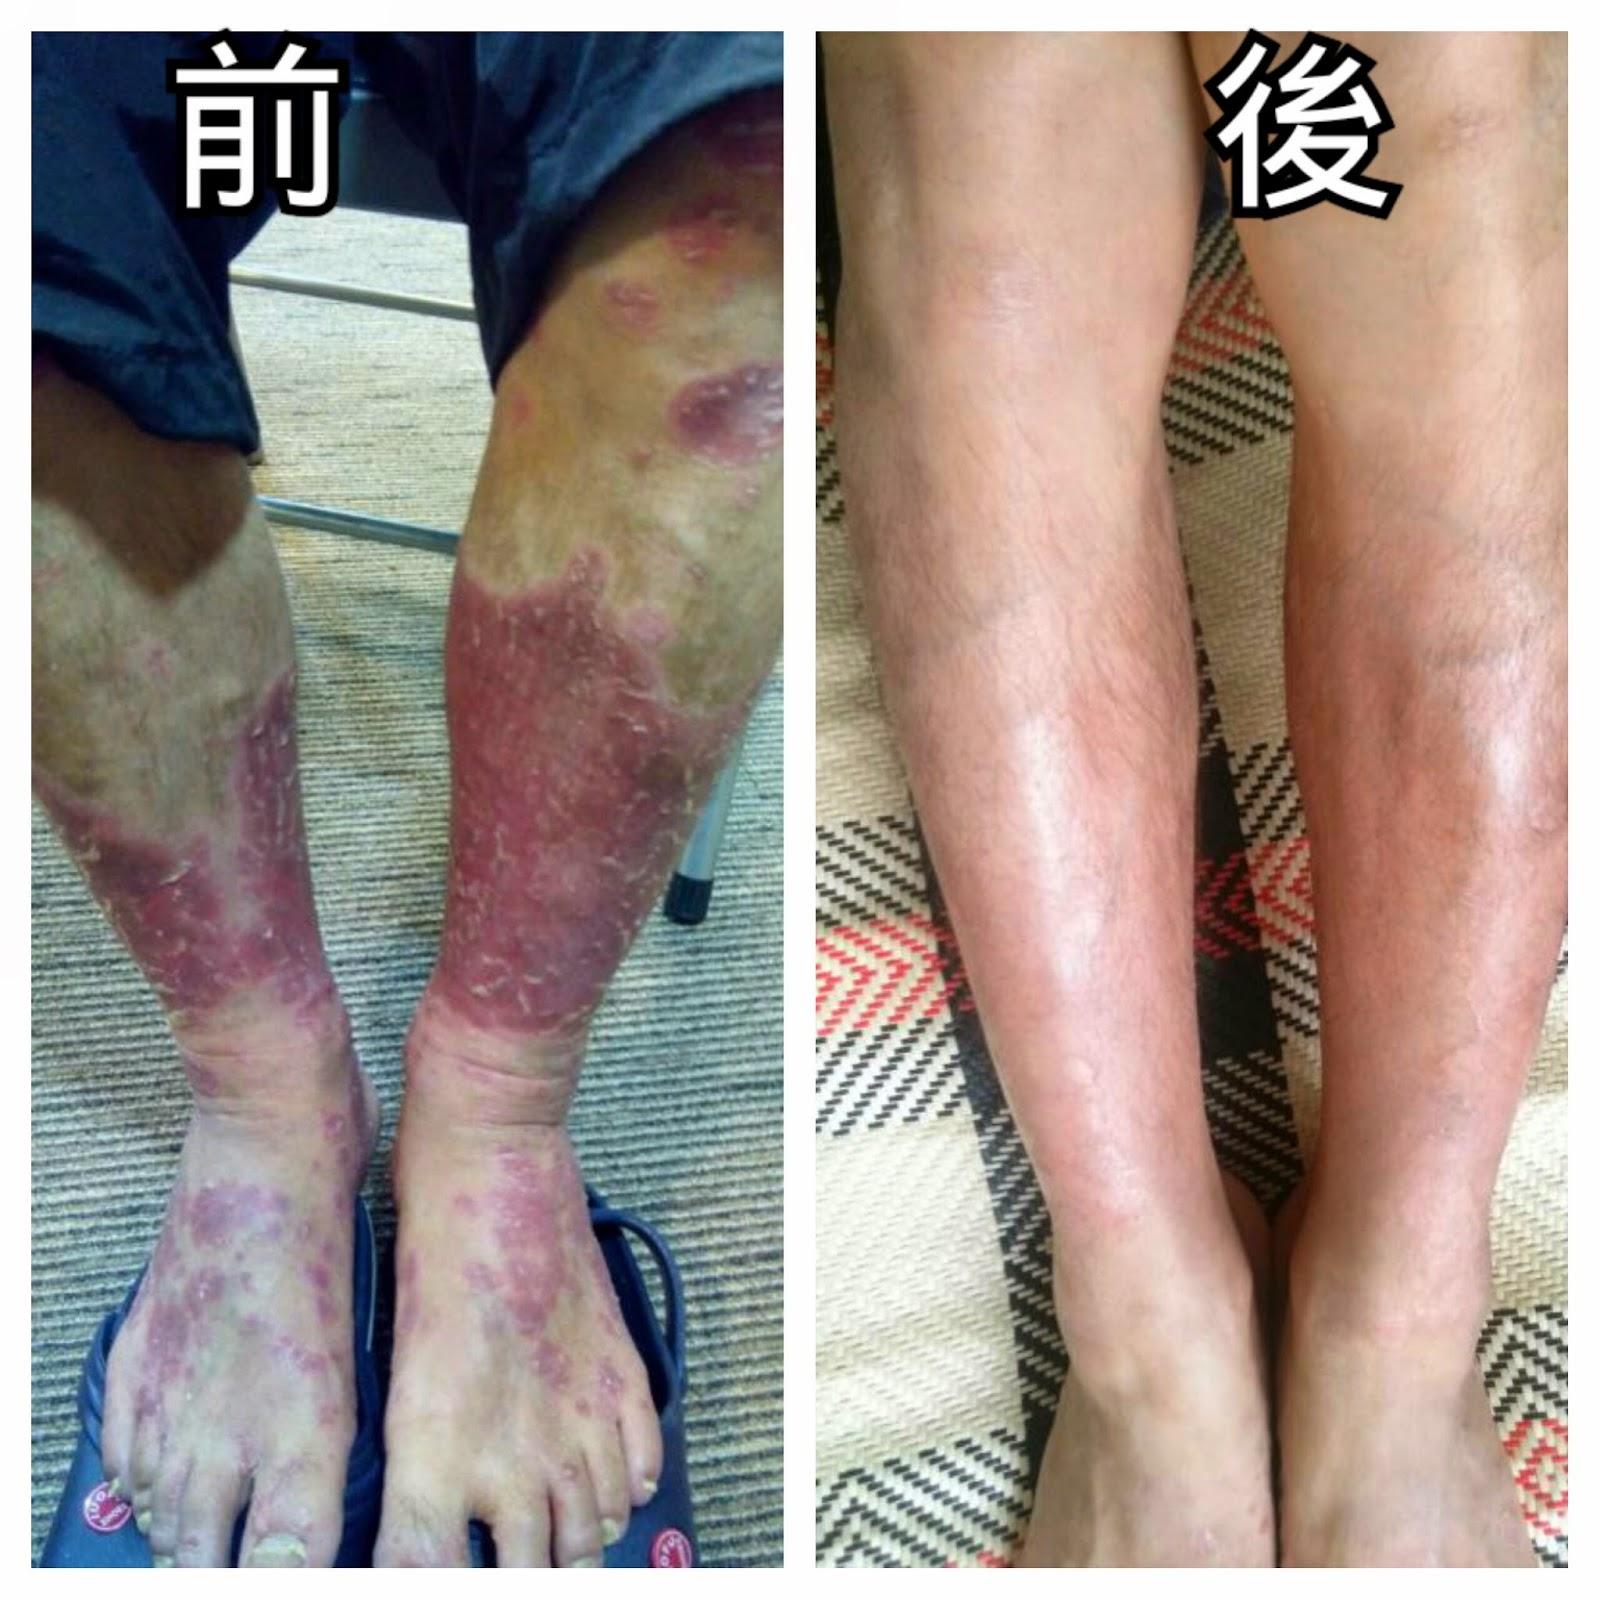 牛皮癬 (銀屑病)治療 - Koon Hoi Yu Matthew (Jim): 五月 2014